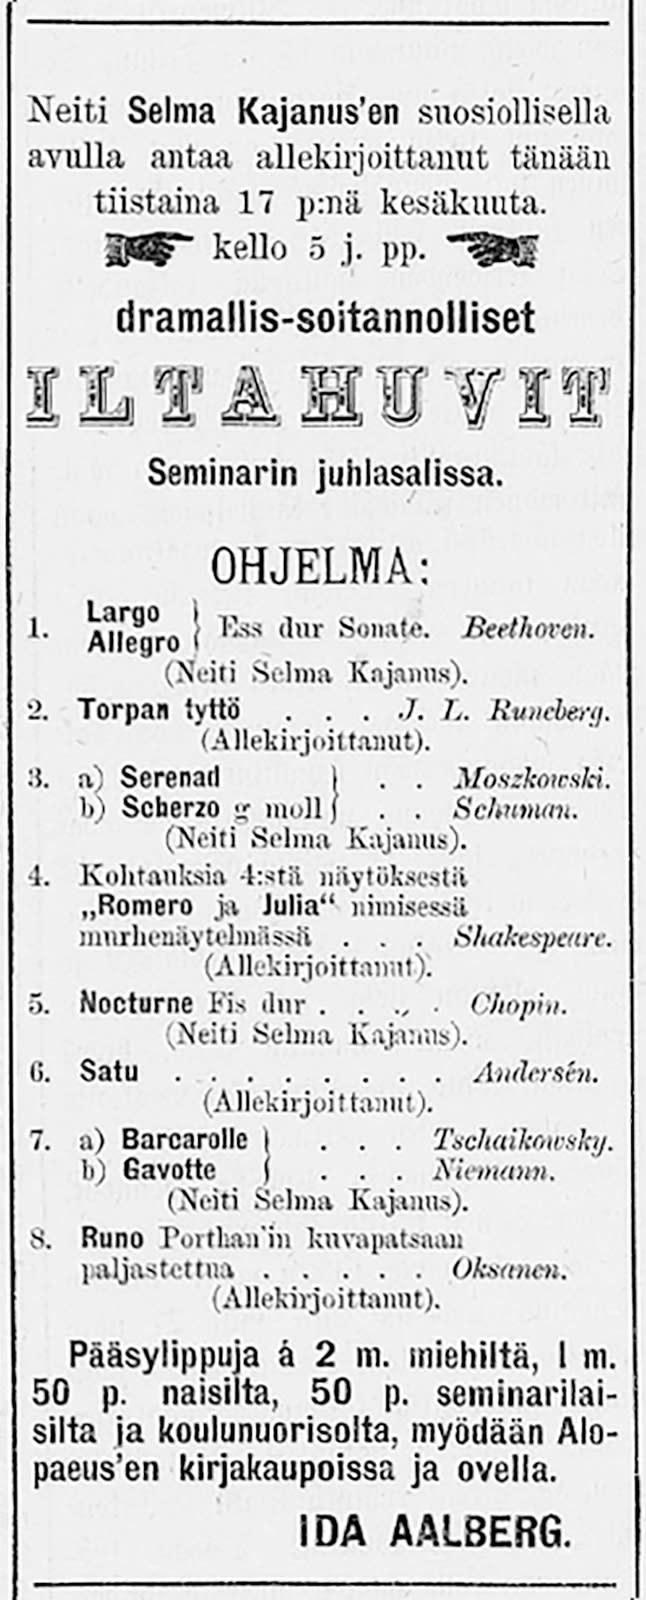 Kulttuuri 12.9.2019 16:51. Levyarvio: Aki Rissasen kosmopoliittisesta soundista tulee hyvällä tavalla mieleen.